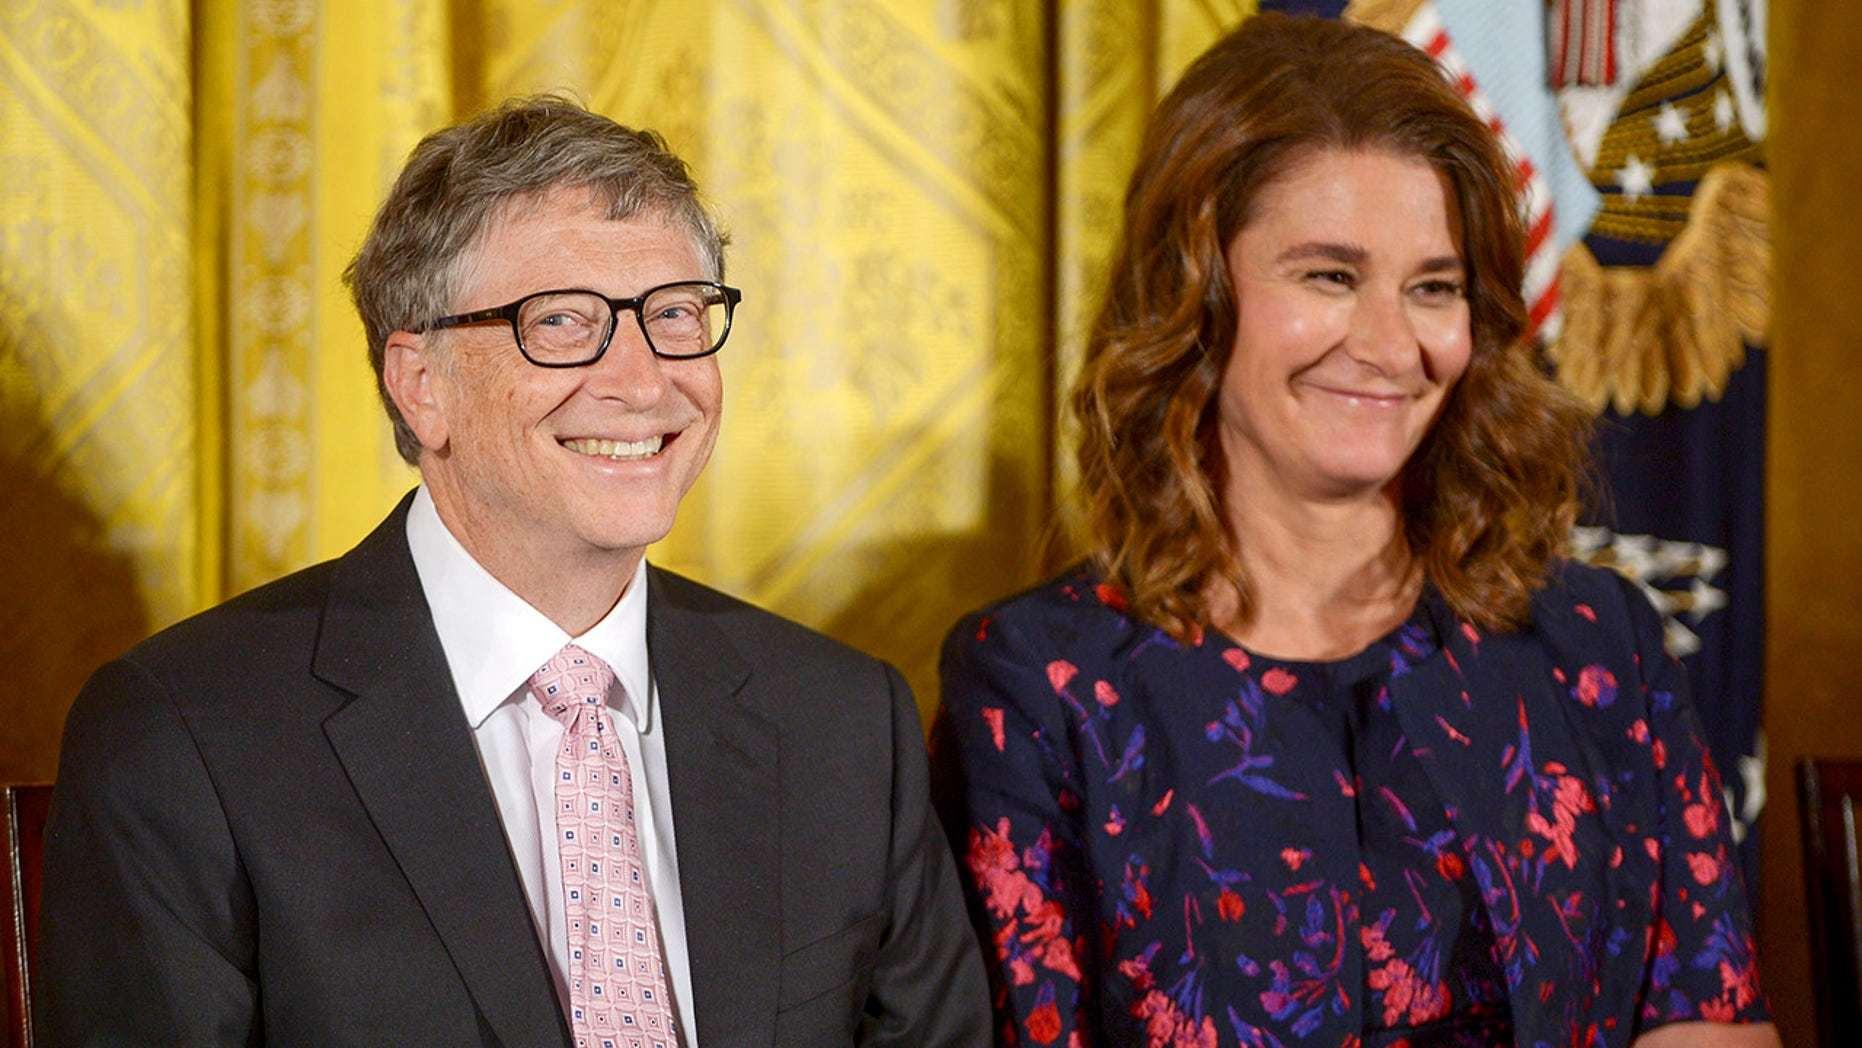 Bill Gates lãng mạn như thế nào khi yêu?